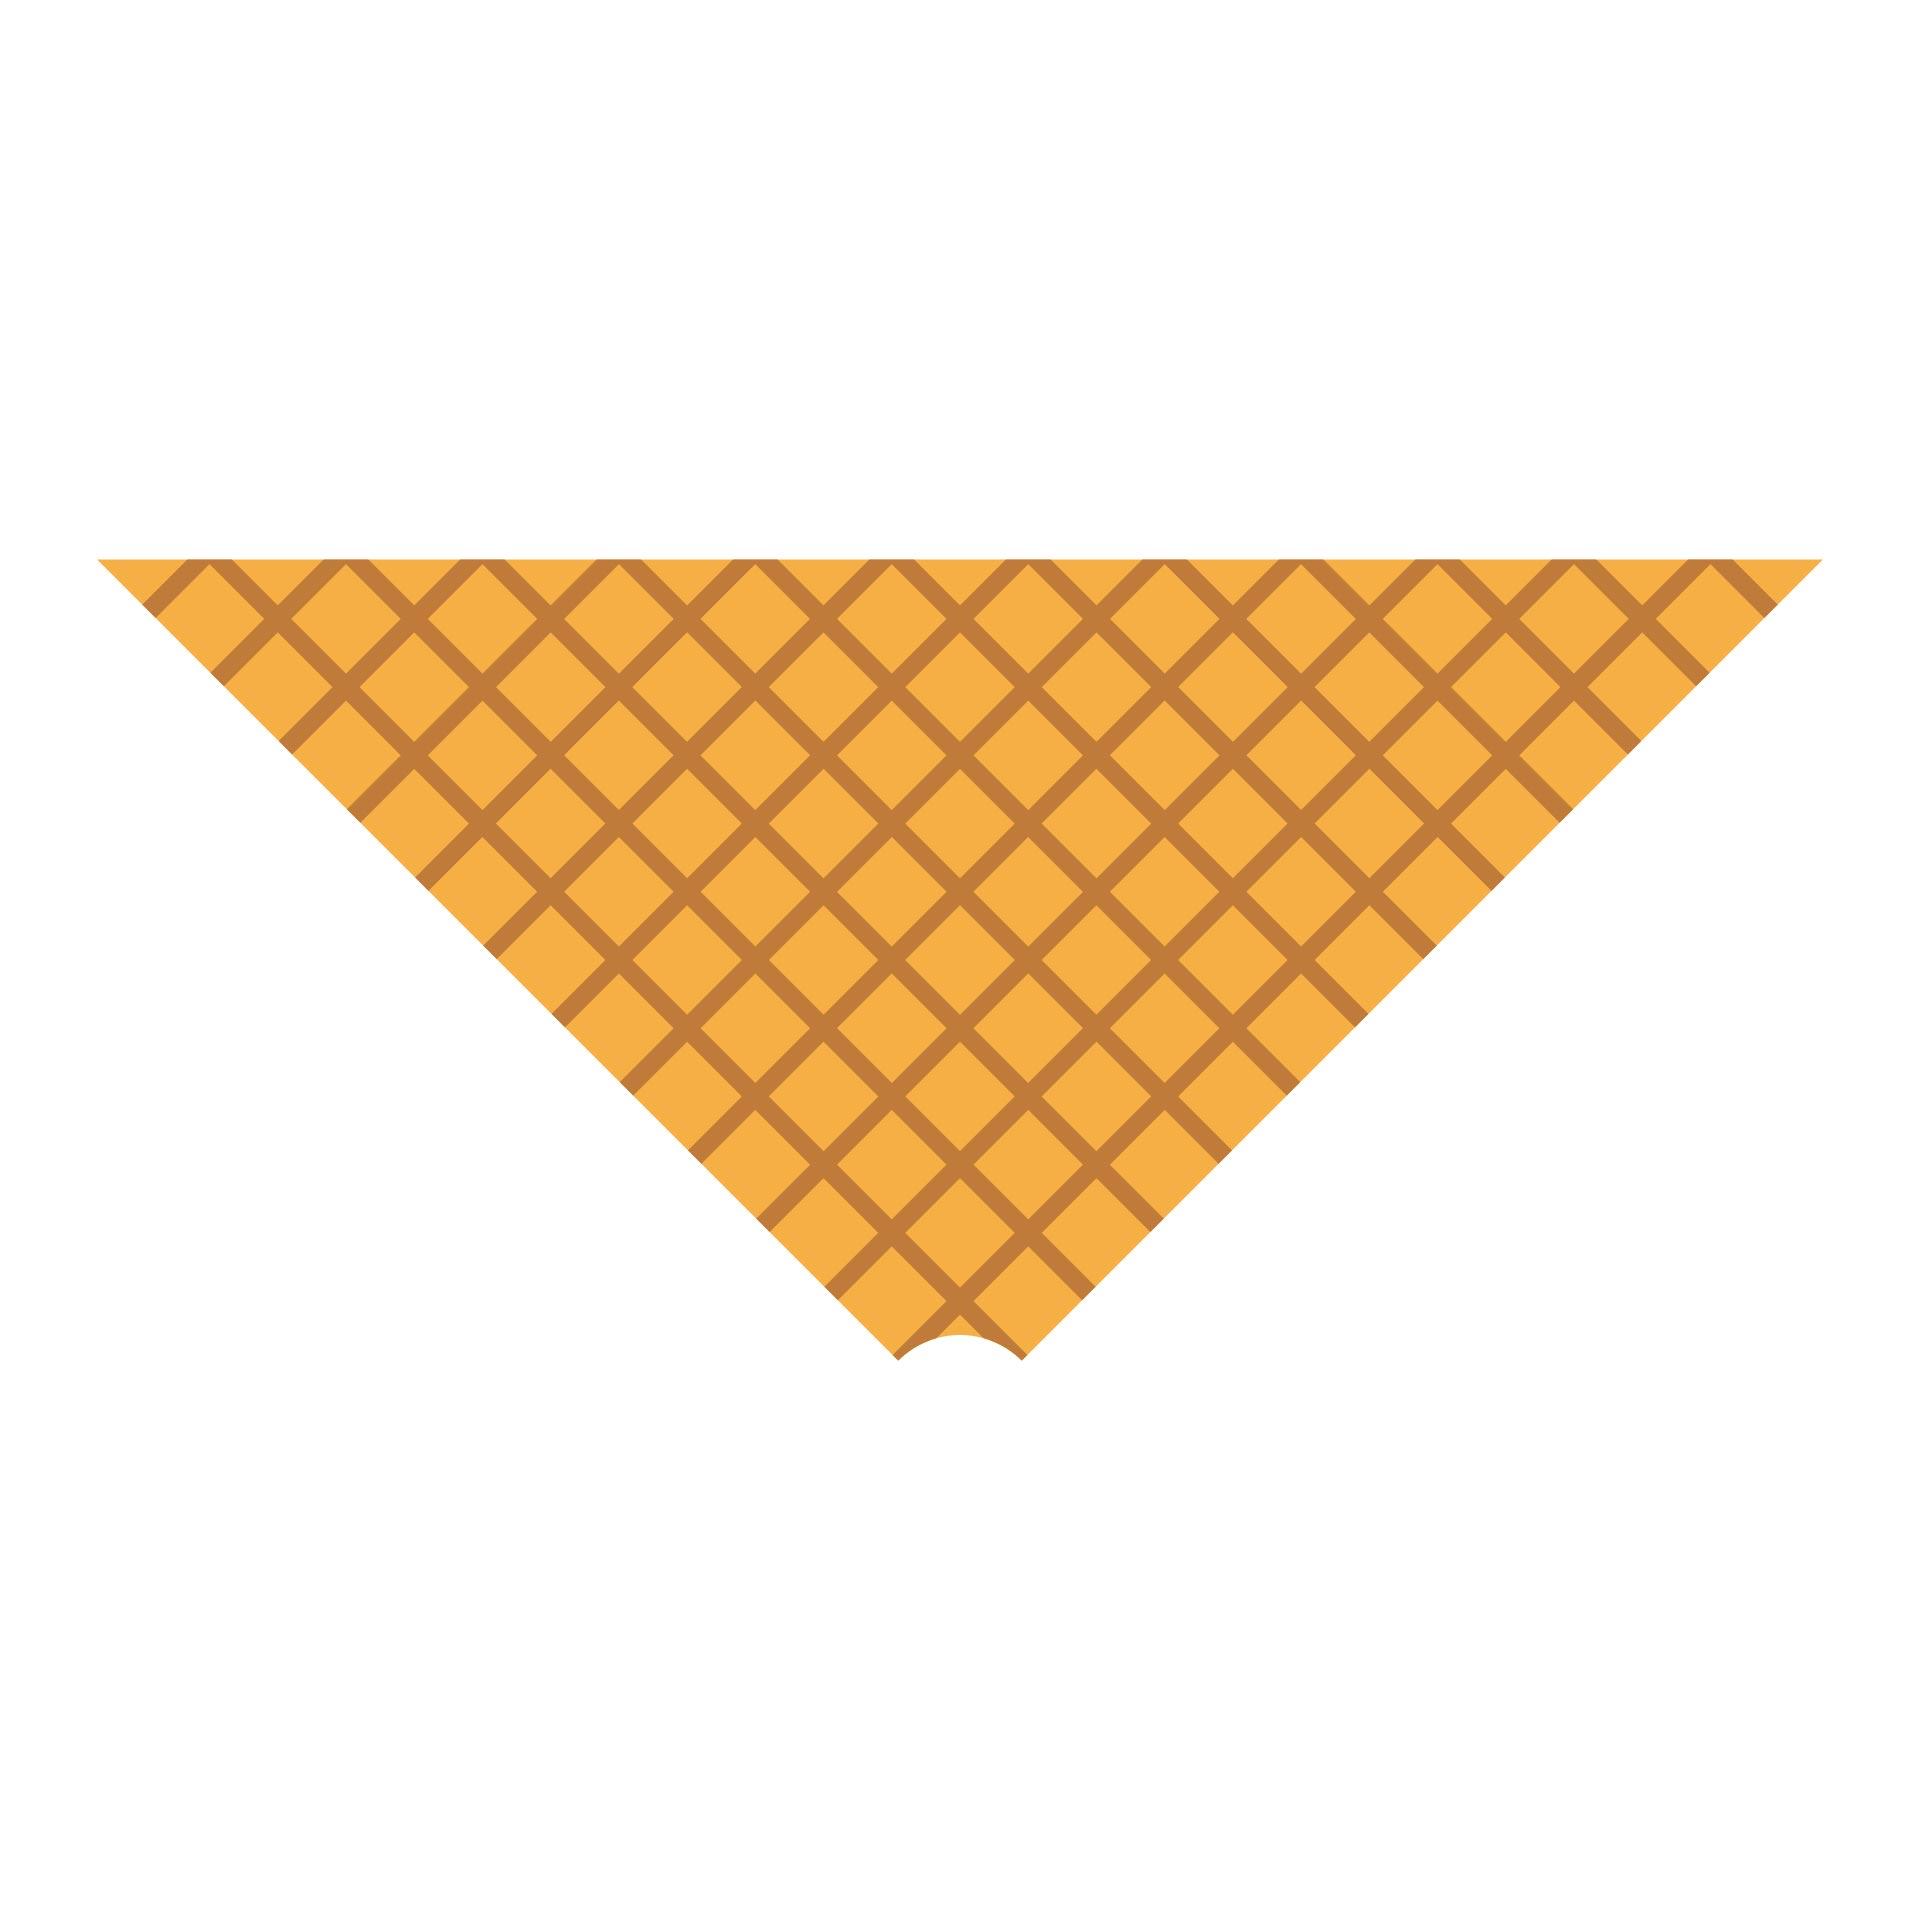 Ice Cream Cone Craft Template